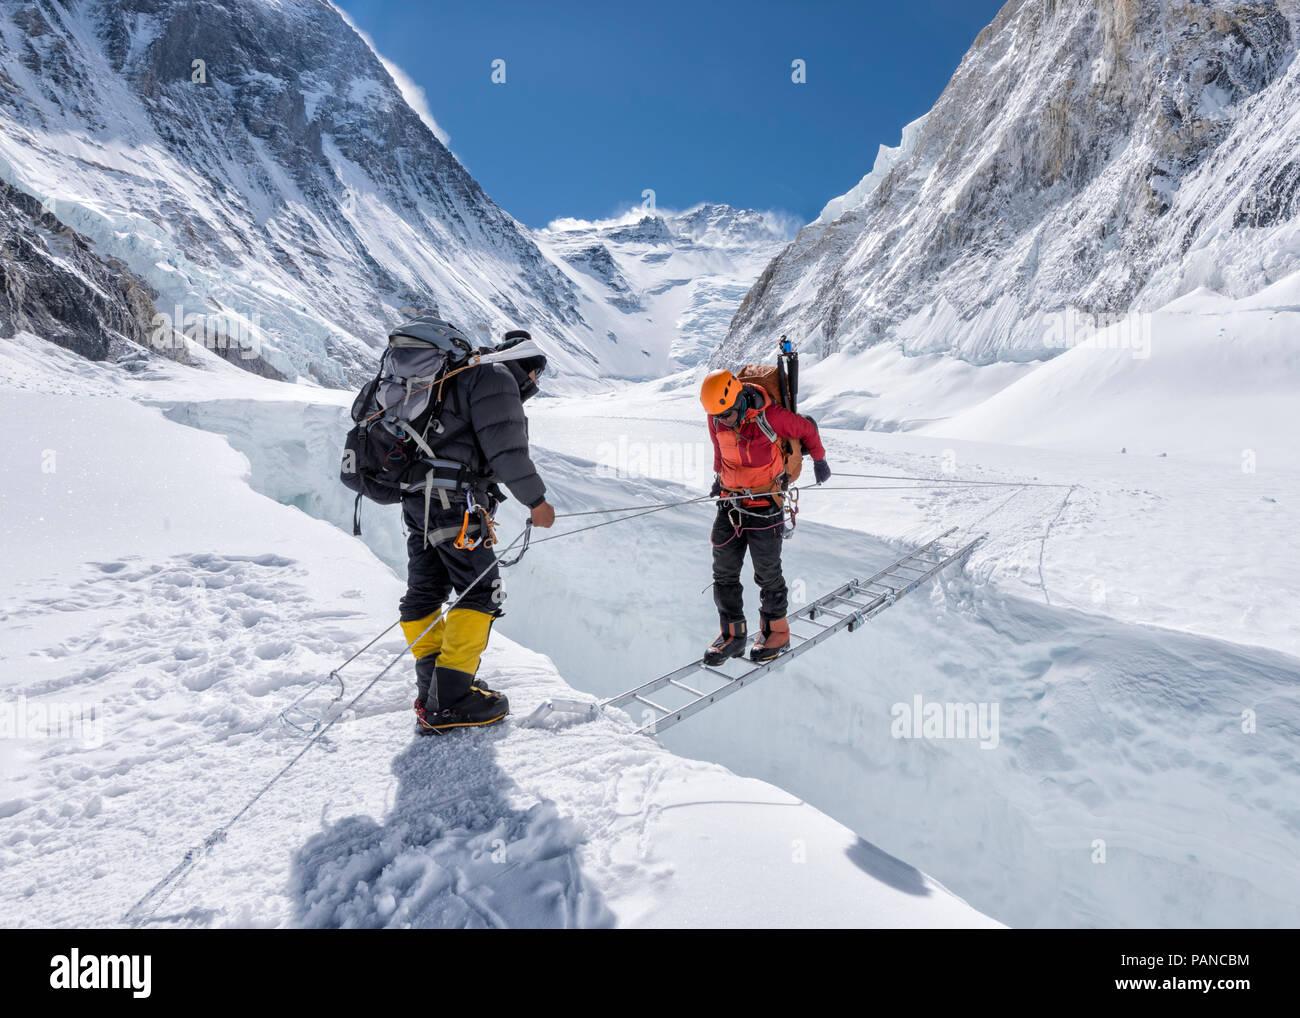 Nepal, Solo Khumbu, Everest, Sagamartha National Park, Bergsteiger Überquerung eisfall an der Western Cwm Stockbild